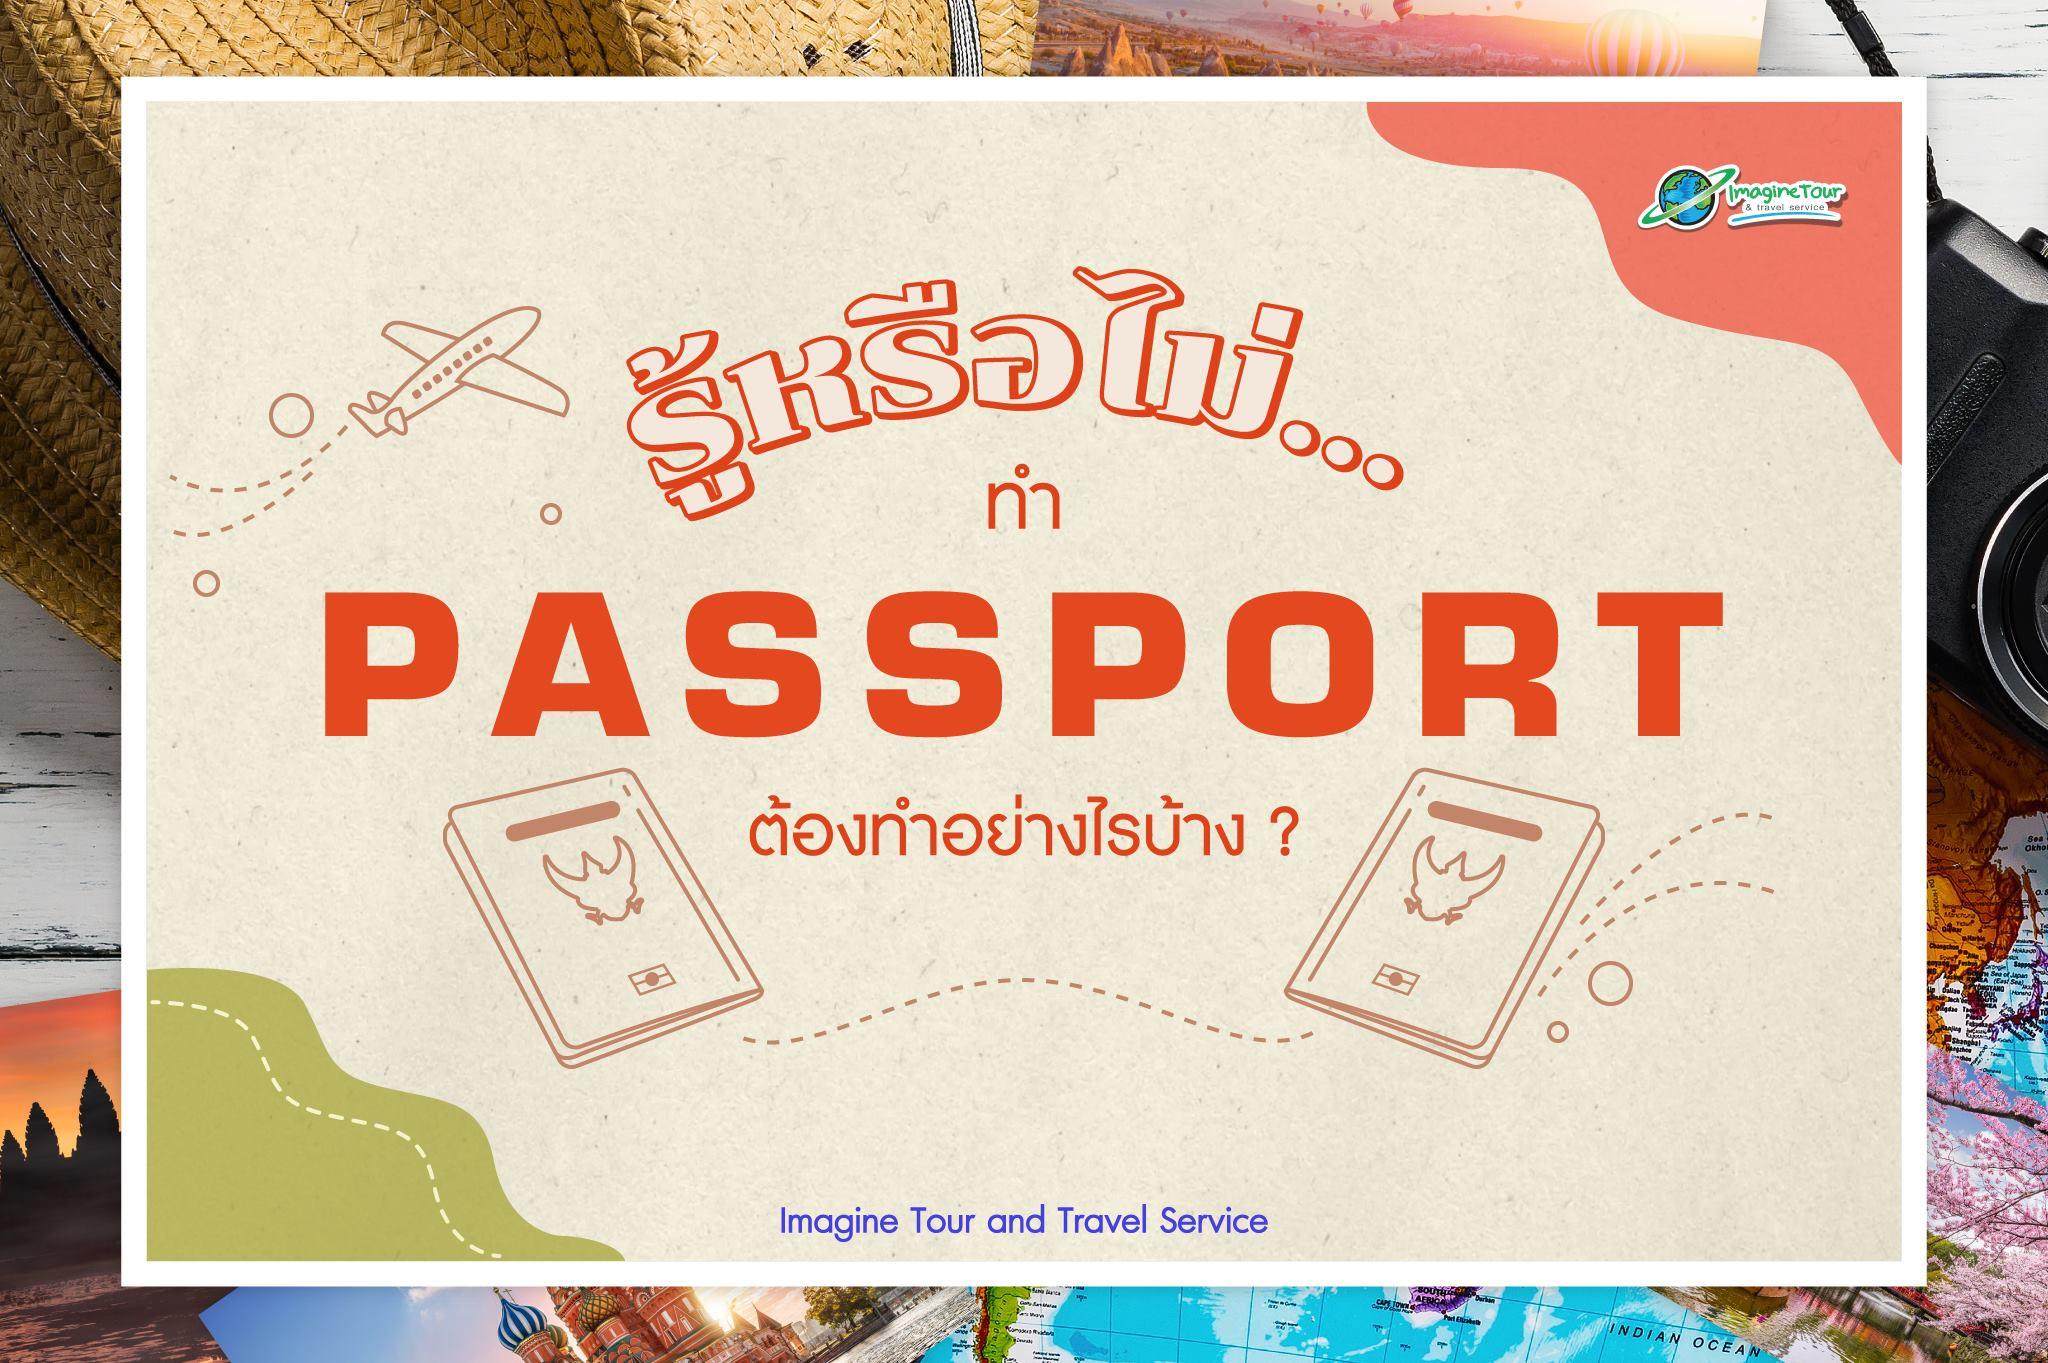 เตรียมตัวไปทำ Passport กันเถอะ!!